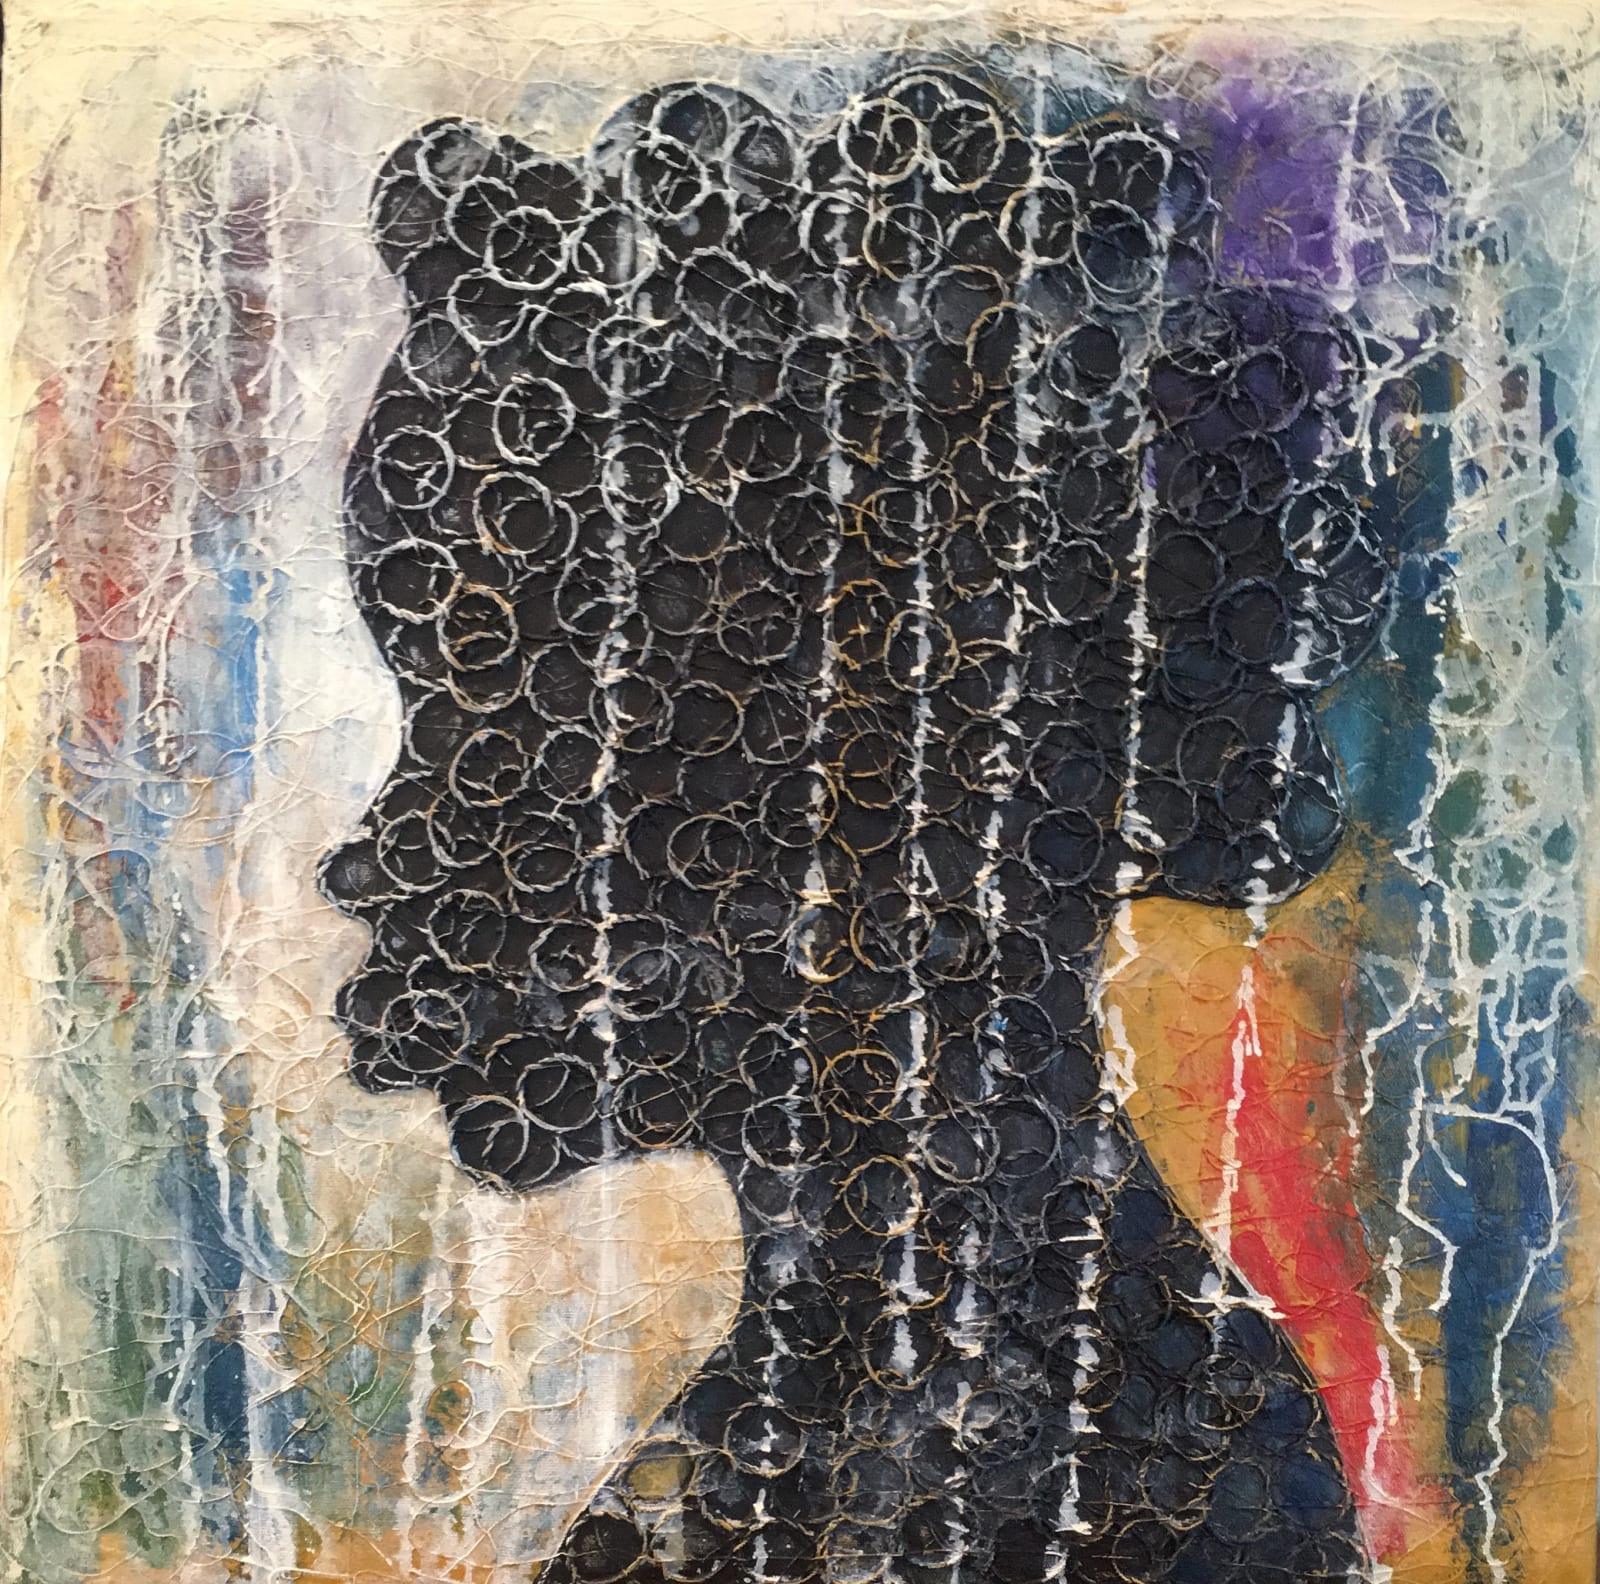 Uchay Chima, Visionary iv, 2018